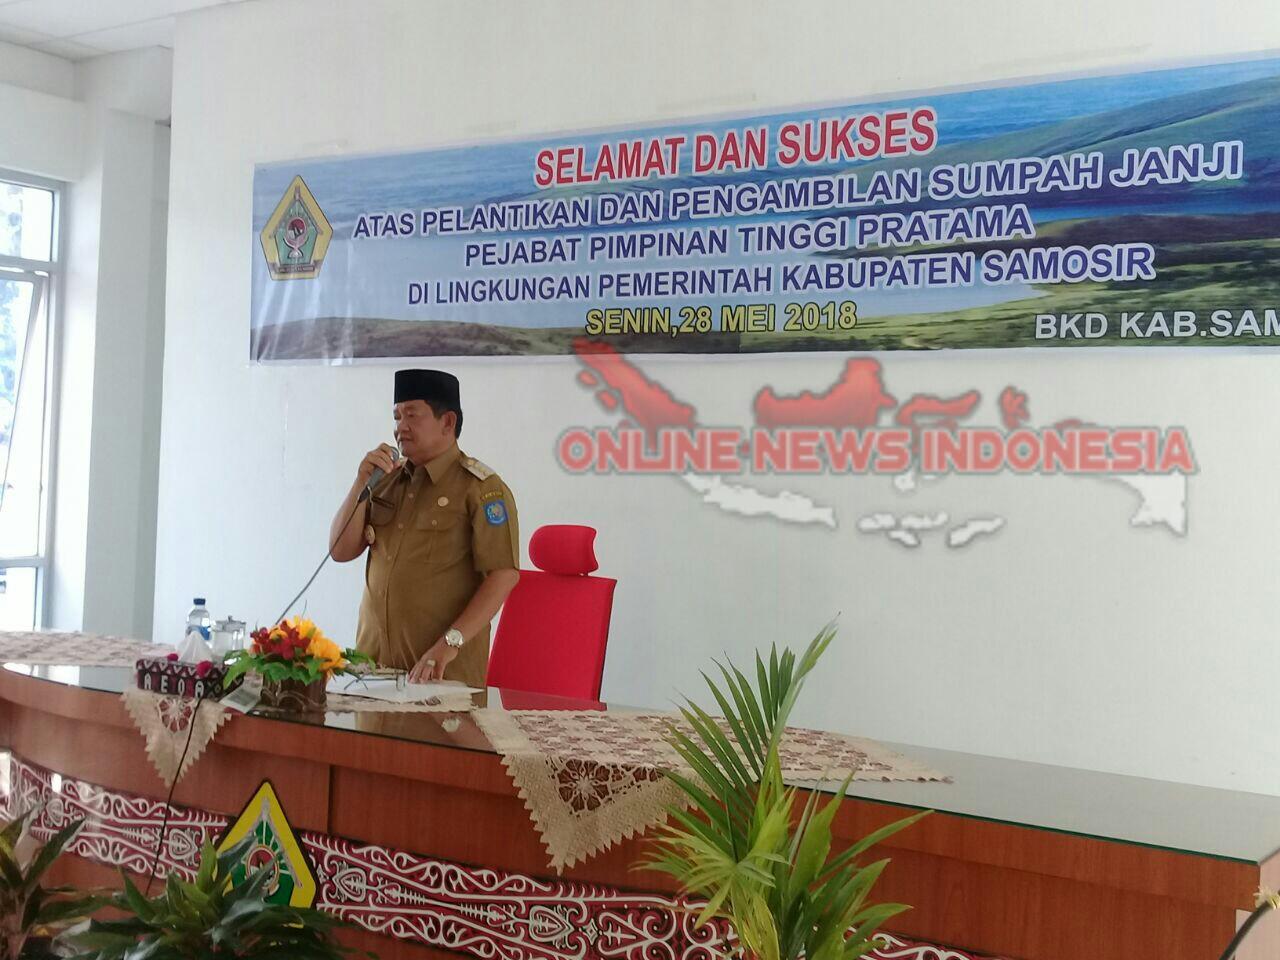 Foto : Bupati Samosir, Drs.Rapidin Simbolon MM, menyampaikan arahan dan bimbingannya kepada pejabat yang baru dilantik, diAula kantor Bupati Samosir, jalan Rianiate Pangururan Senin (28/05)